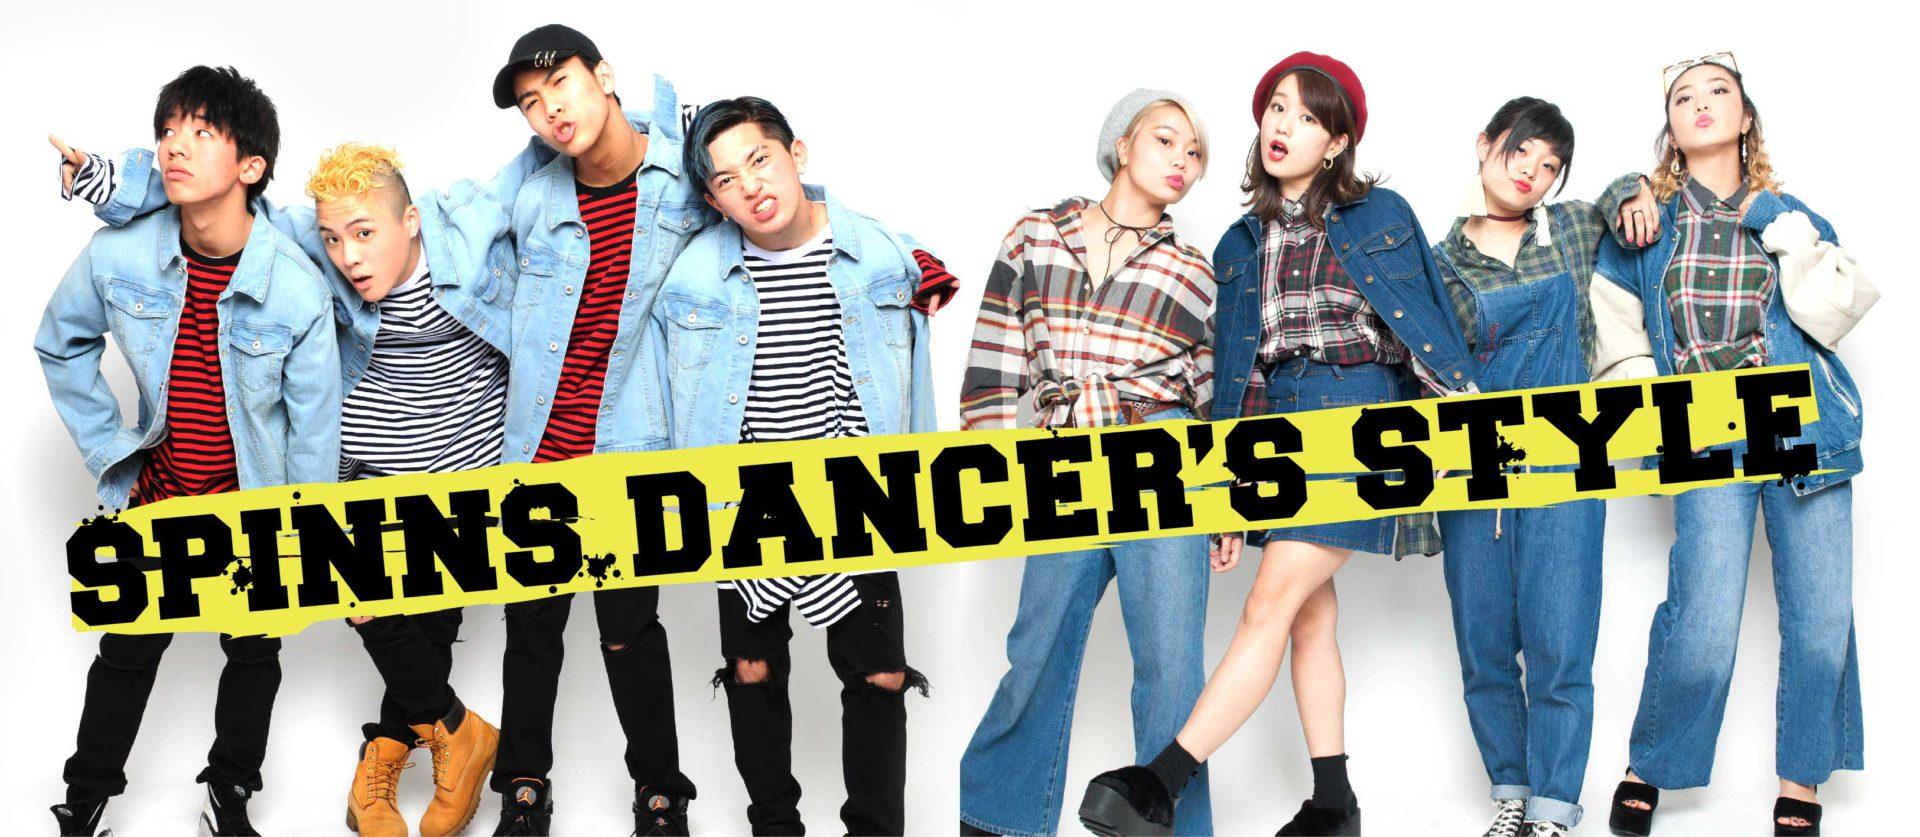 spinnsdancersstyle